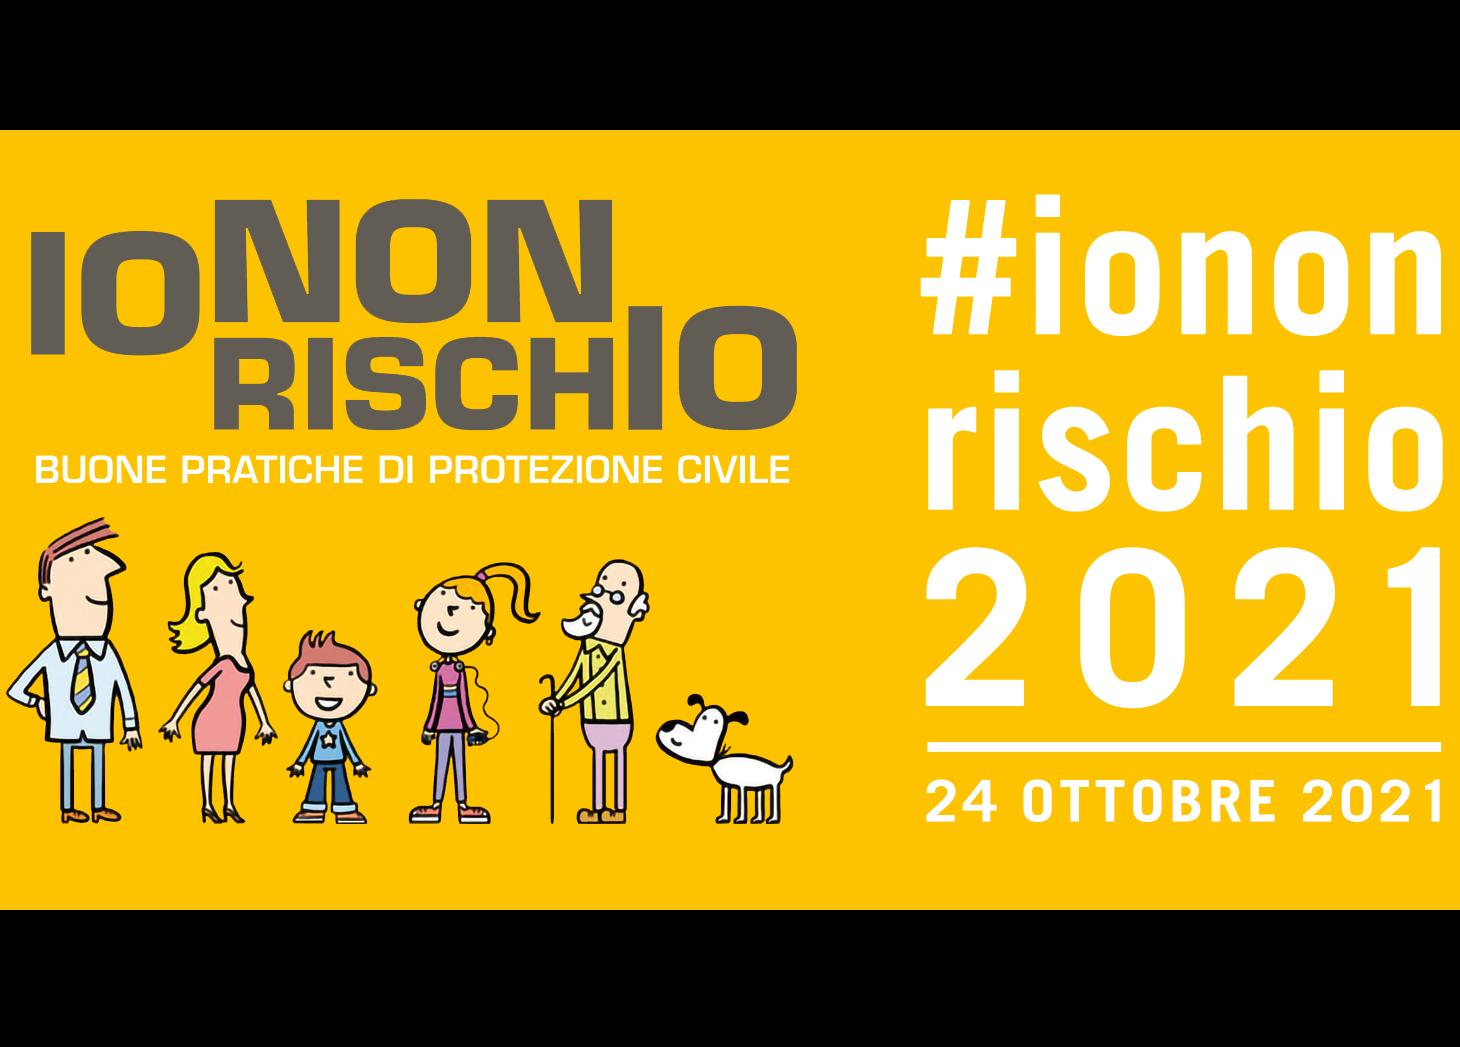 iononrischio21